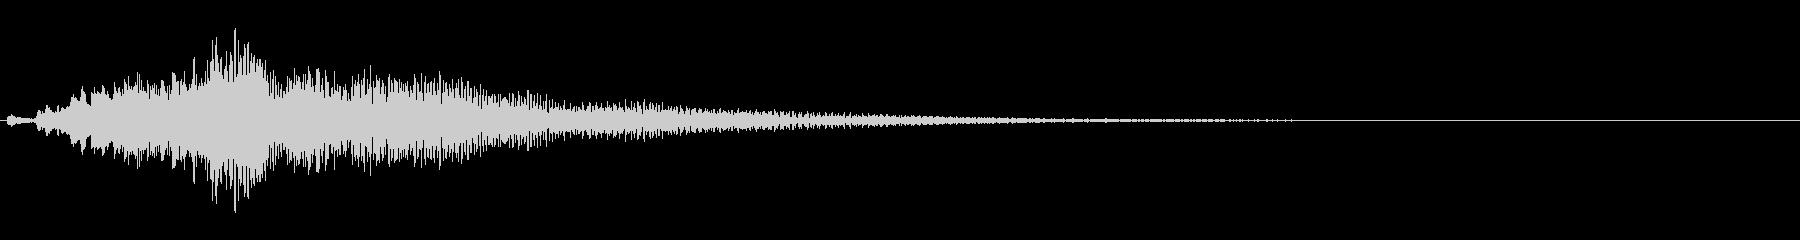 ドリフトダウンの未再生の波形